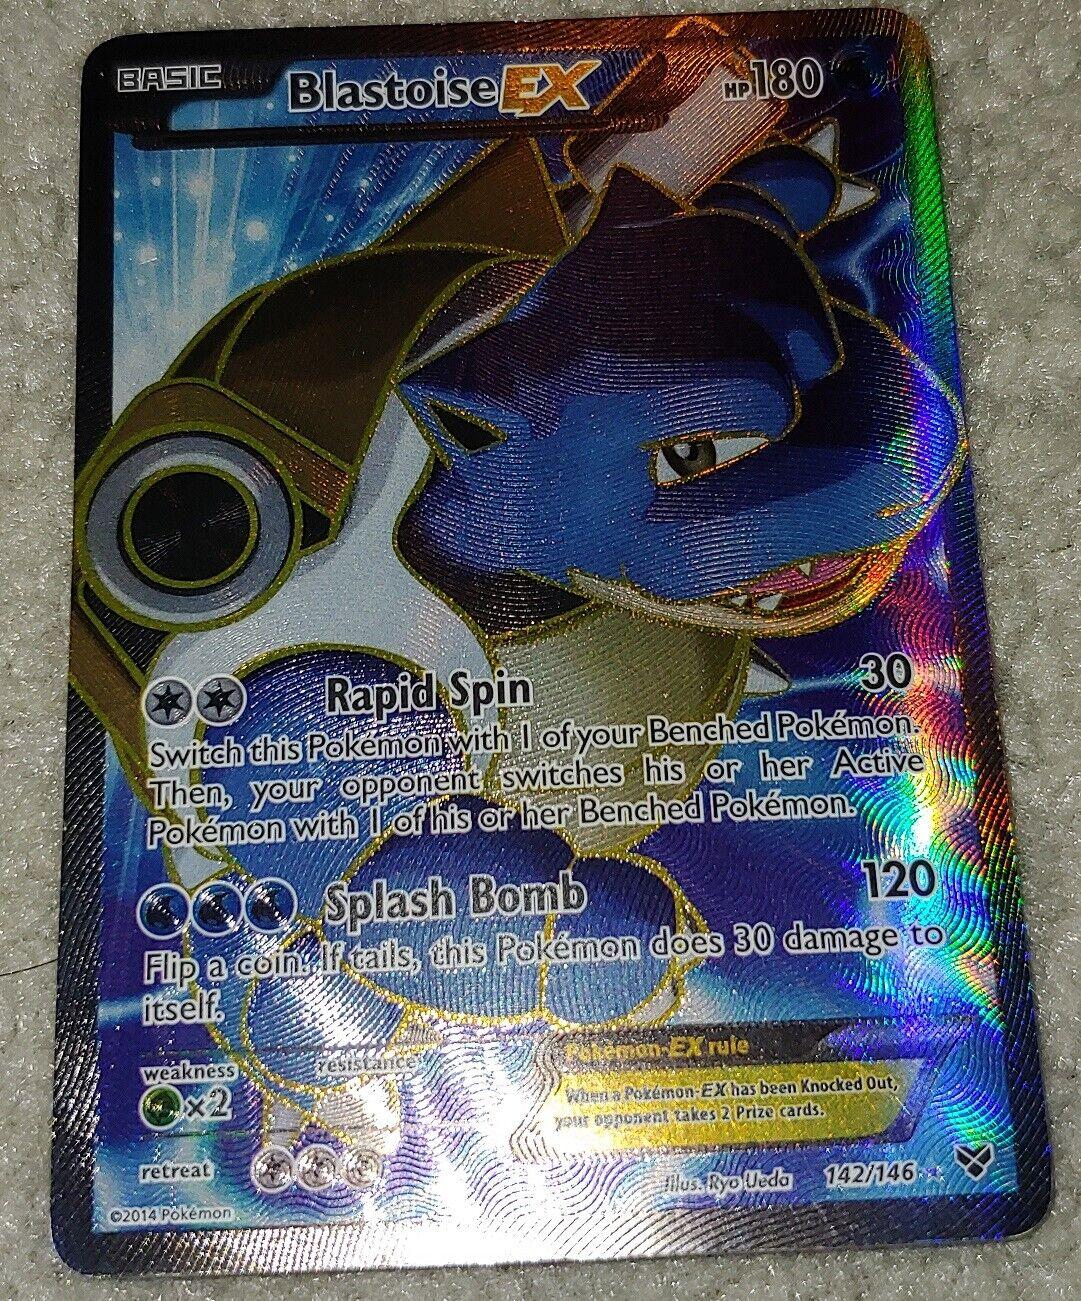 - BLASTOISE EX 142/146 Ultra Rare Star Holo Foil! FULL ART Pokemon